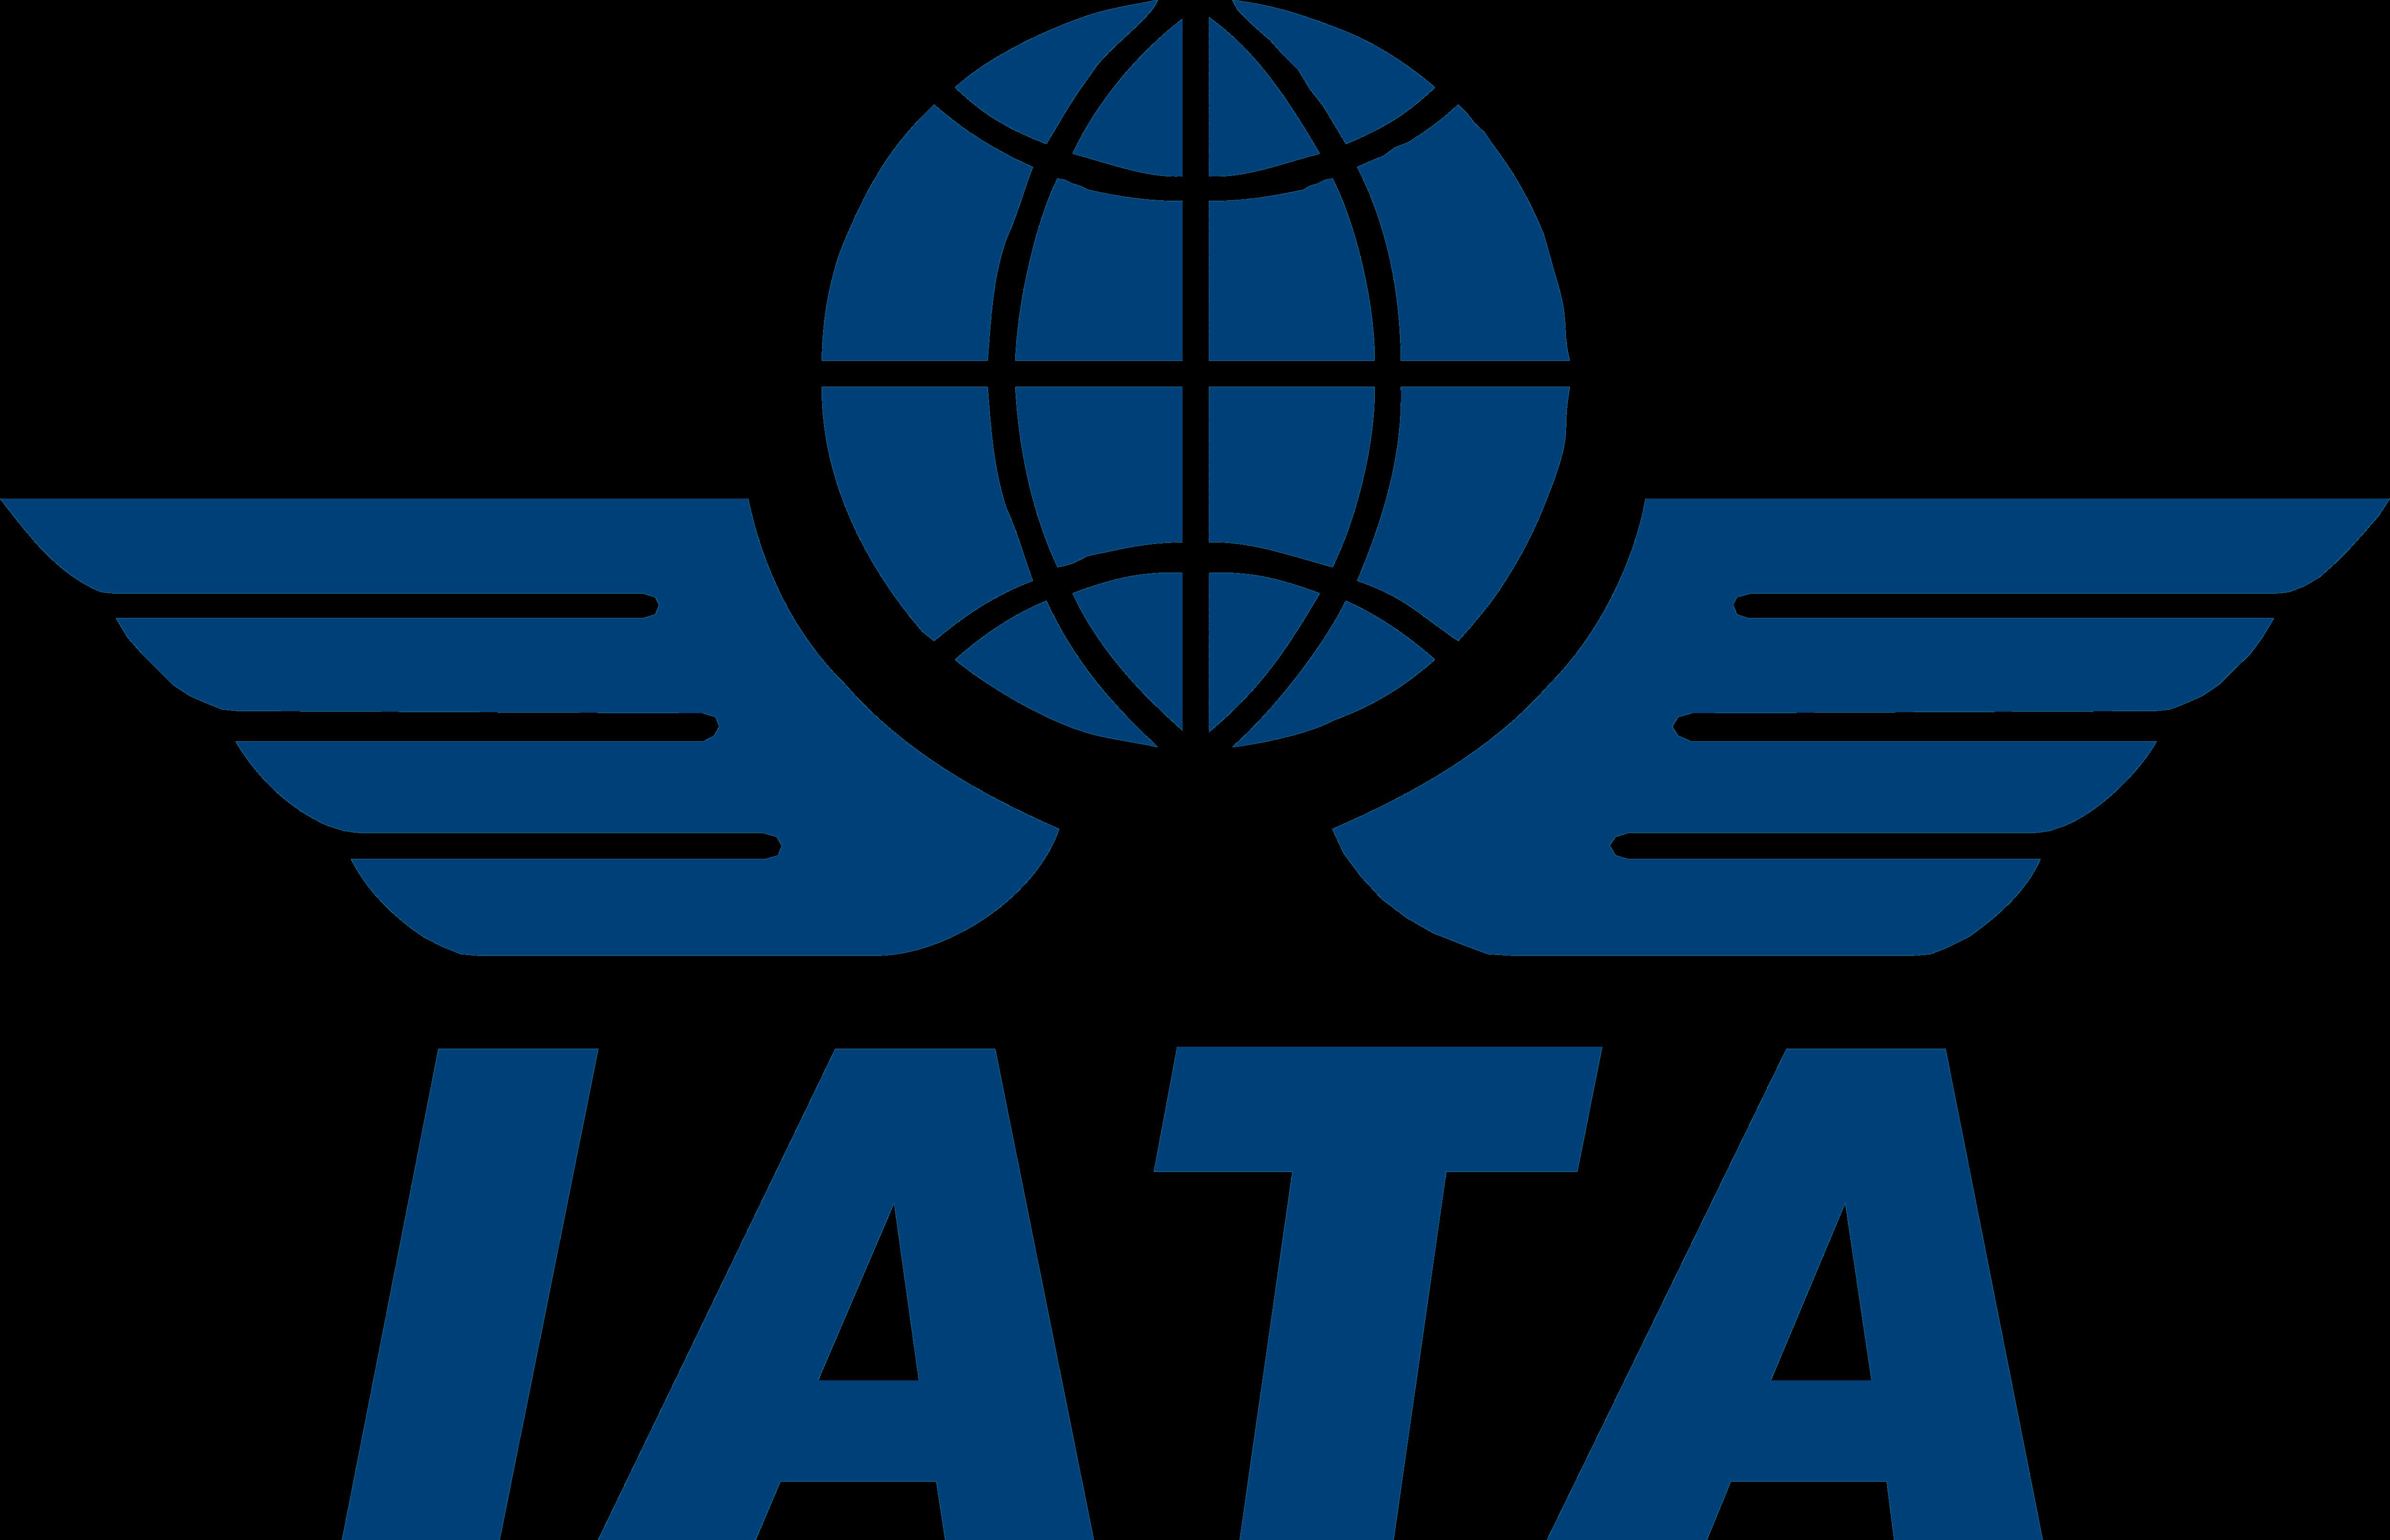 IATA.